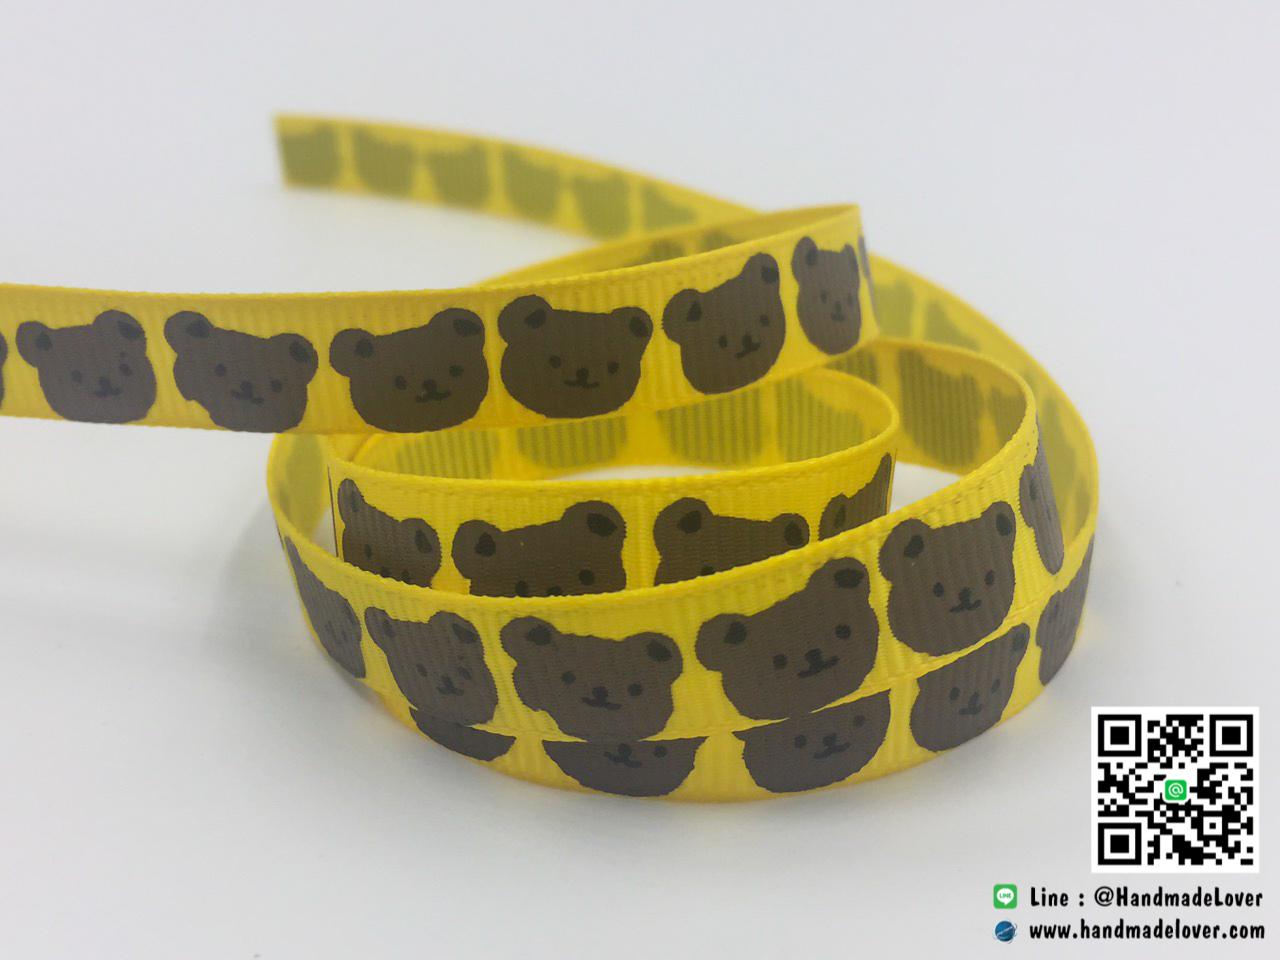 ริบบิ้นผ้า กรอสเกรน สีเหลือง พิมพิ์ลายหมี ขนาด 9 มิล